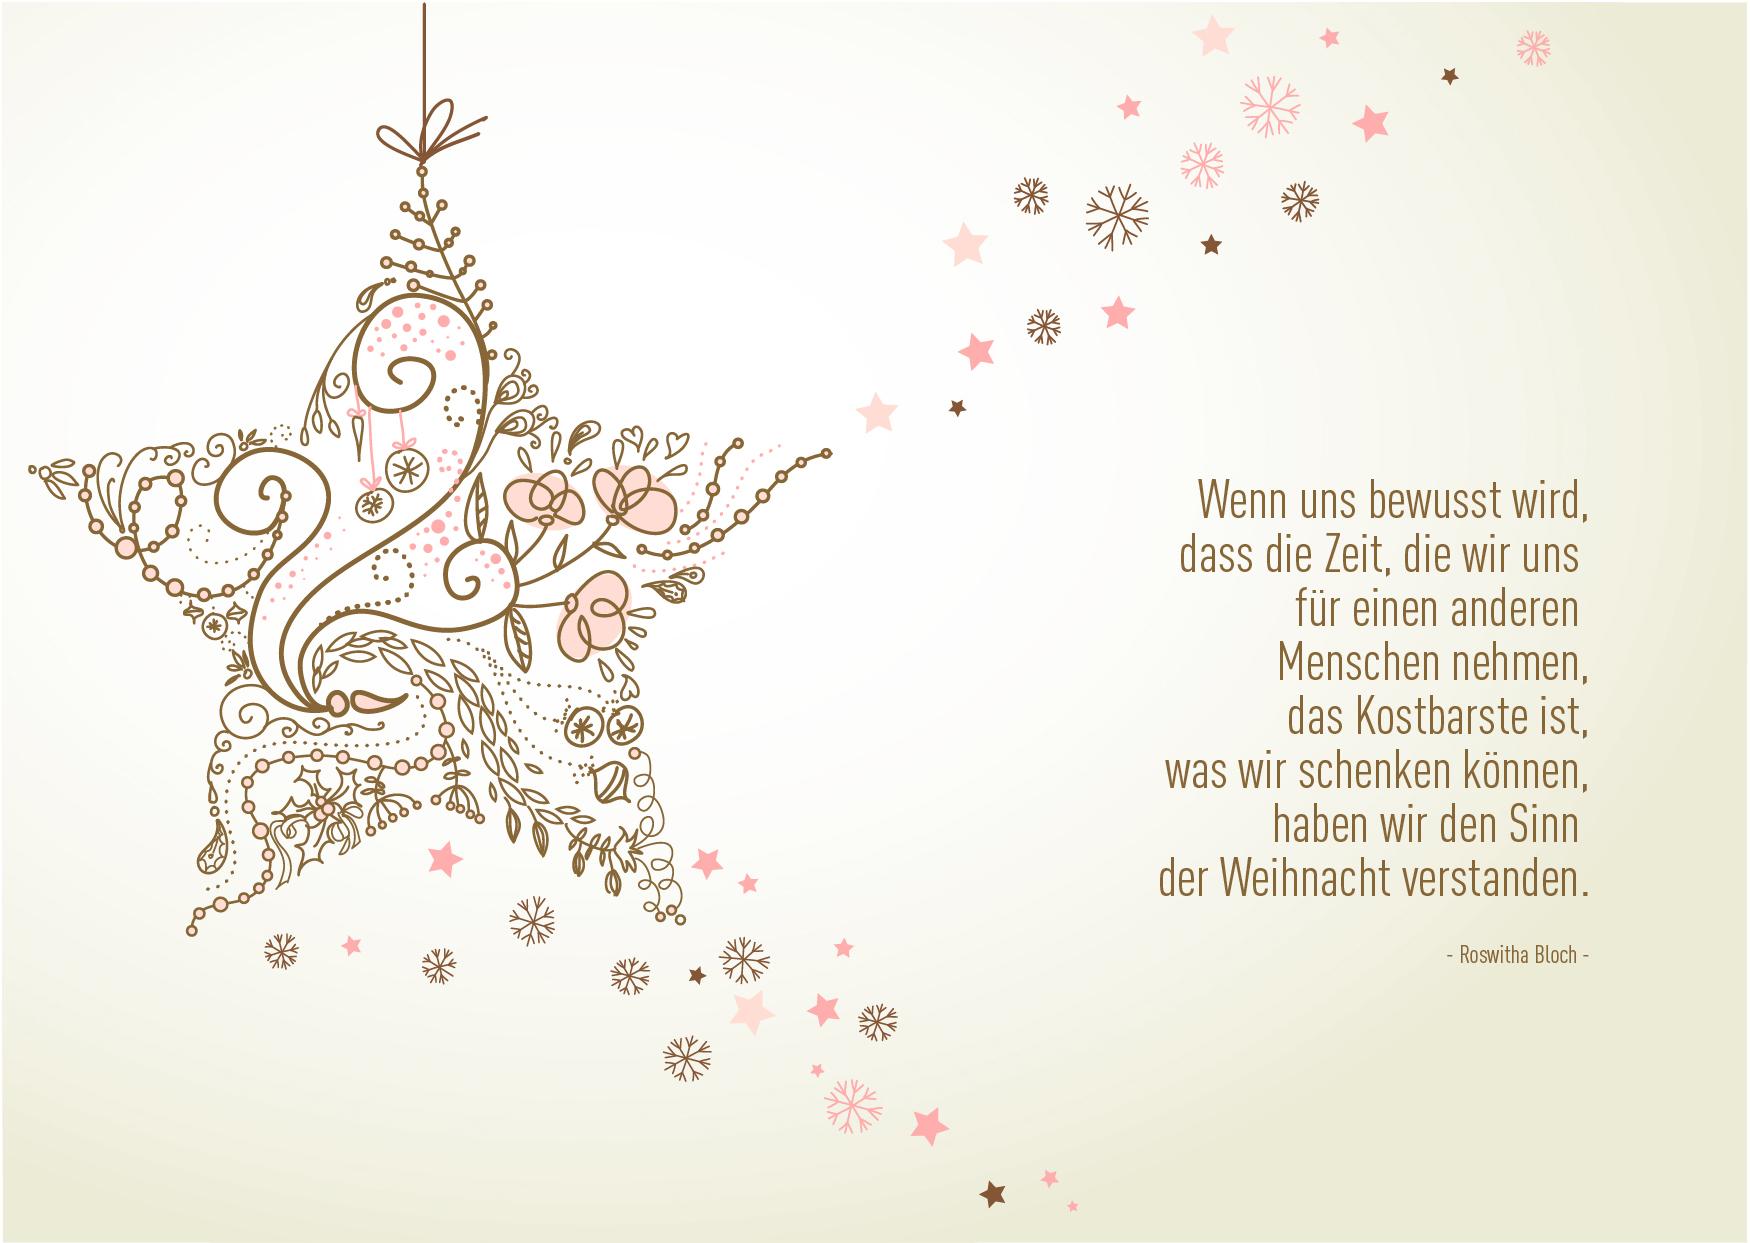 """Weihnachtsgrüße als Karte zum Drucken: Zitat """"Wenn uns bewusst wird, dass die Zeit, die wir uns für einen anderen Menschen nehmen, das Kostbarste ist, was wir schenken können, haben wir den Sinn der eihnacht verstanden. (#7)"""